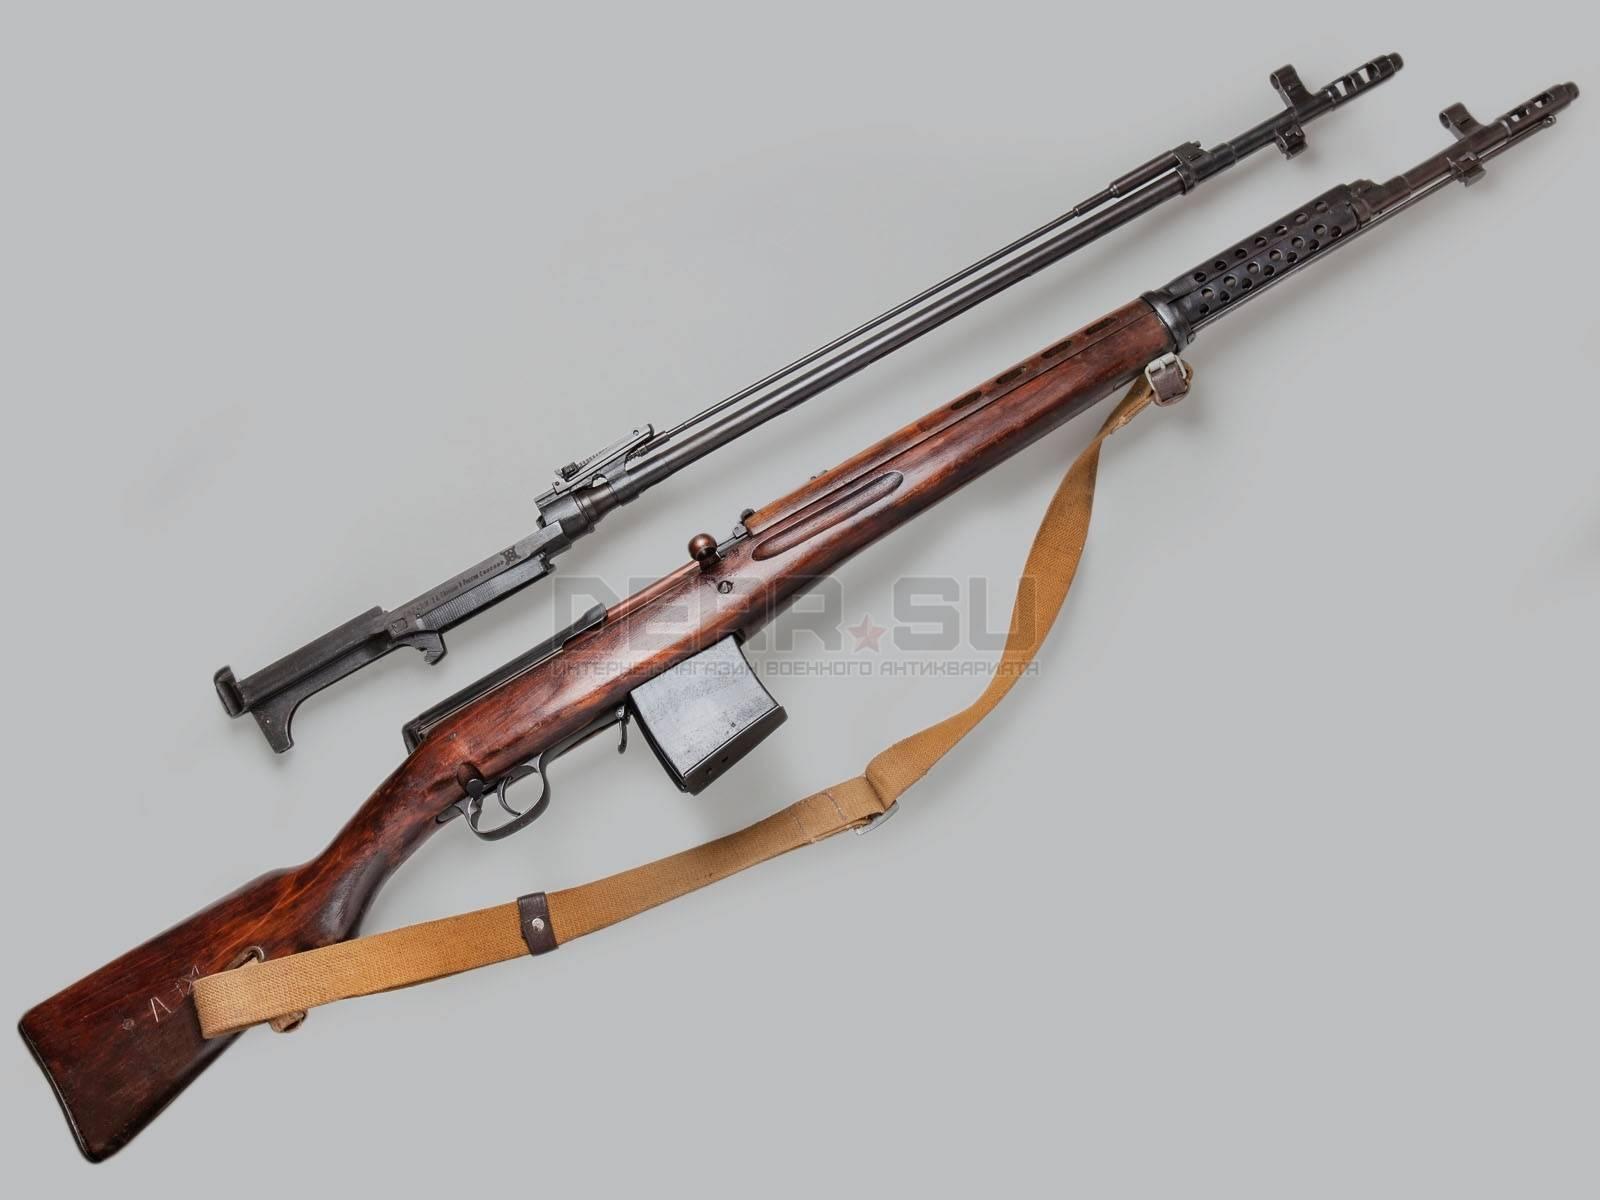 Свт-40 (самозарядная винтовка токарева) в интерактивном трехмерном симуляторе оружие героев